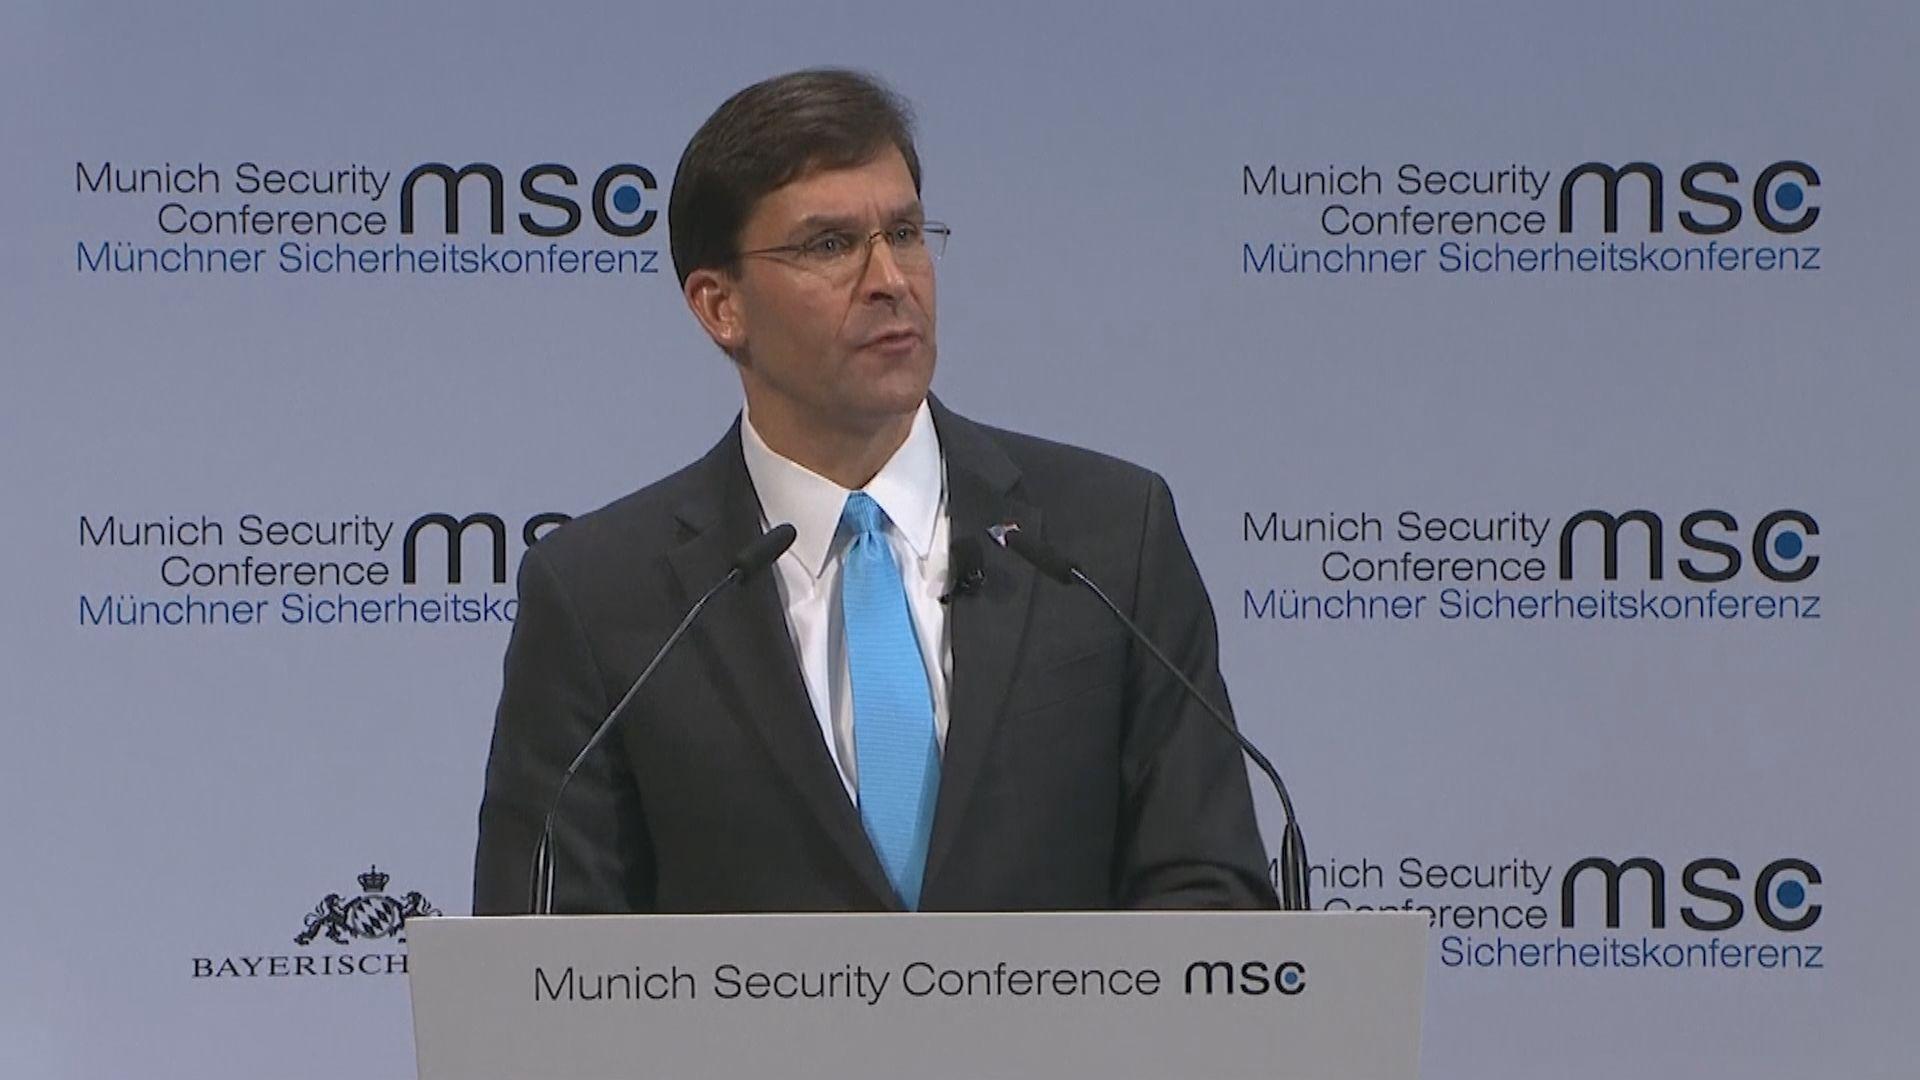 美國防部長:中國具侵略性的軍事姿態令人擔憂